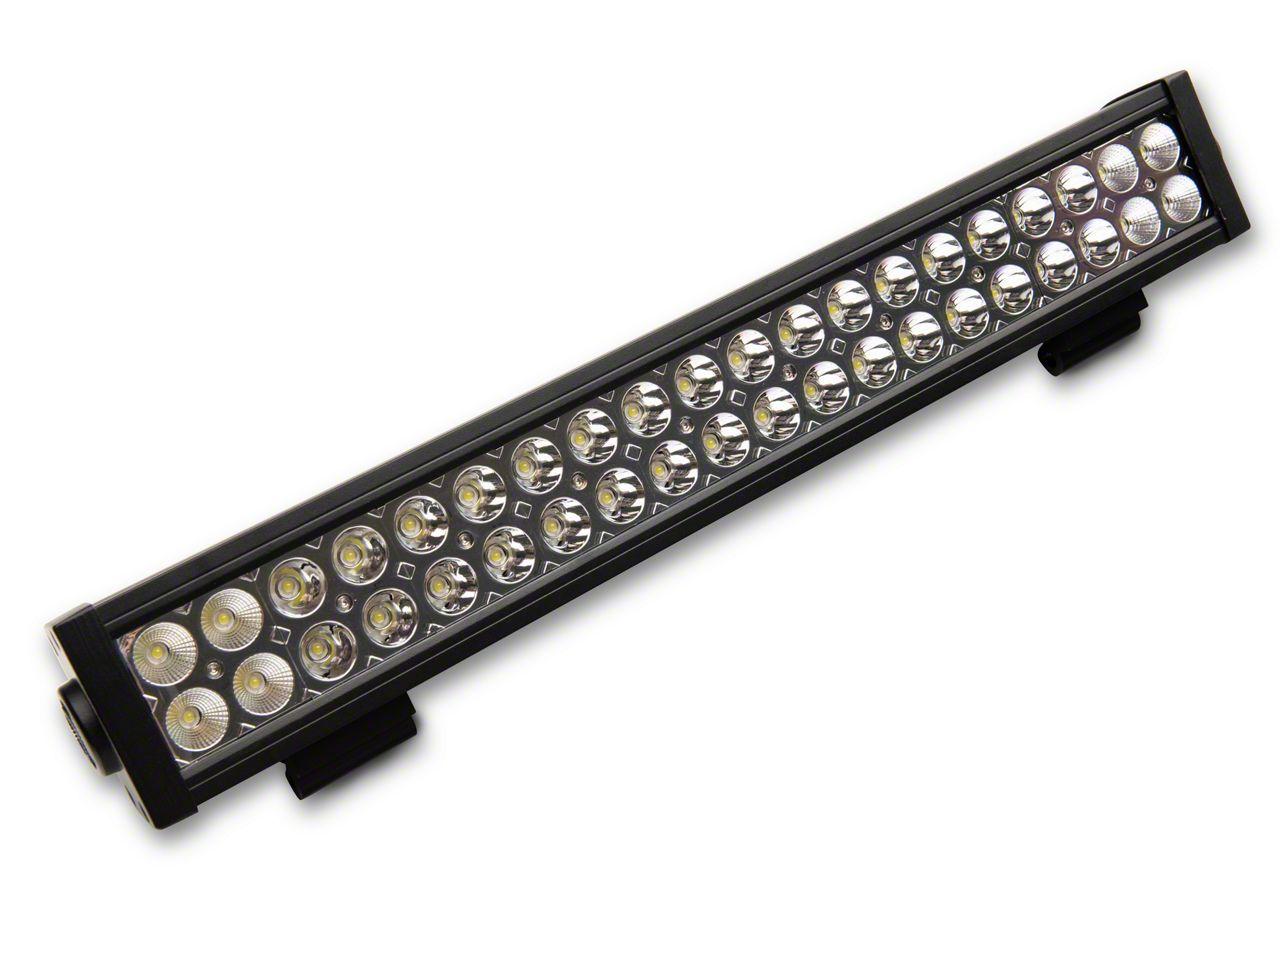 DV8 Off-Road 20 in. Chrome Series LED Light Bar - Flood/Spot Combo